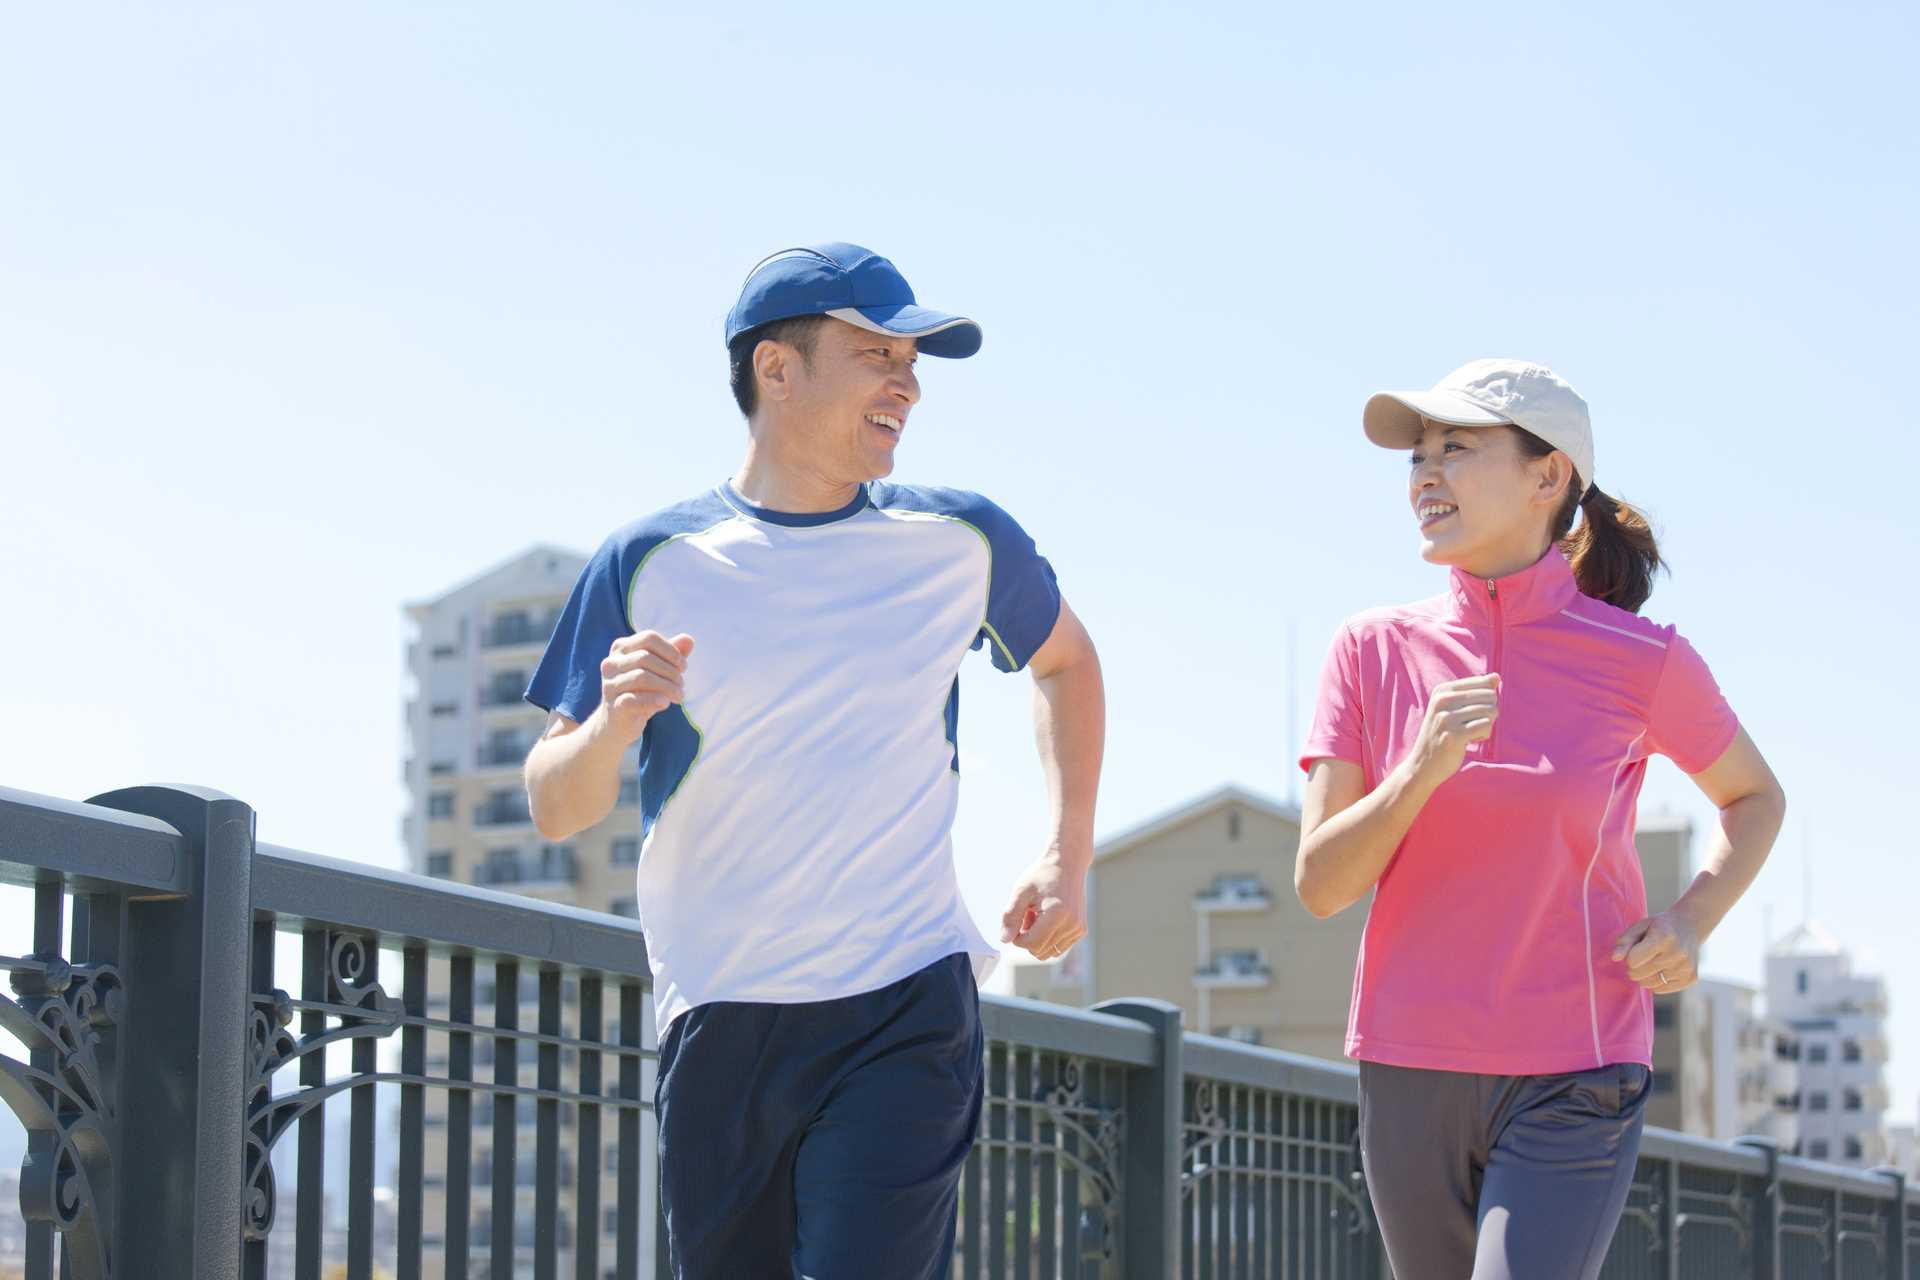 「激しい運動かどうか」の基準は「走る運動かどうか」で分かれる。 | 健康のためになる30の散歩術